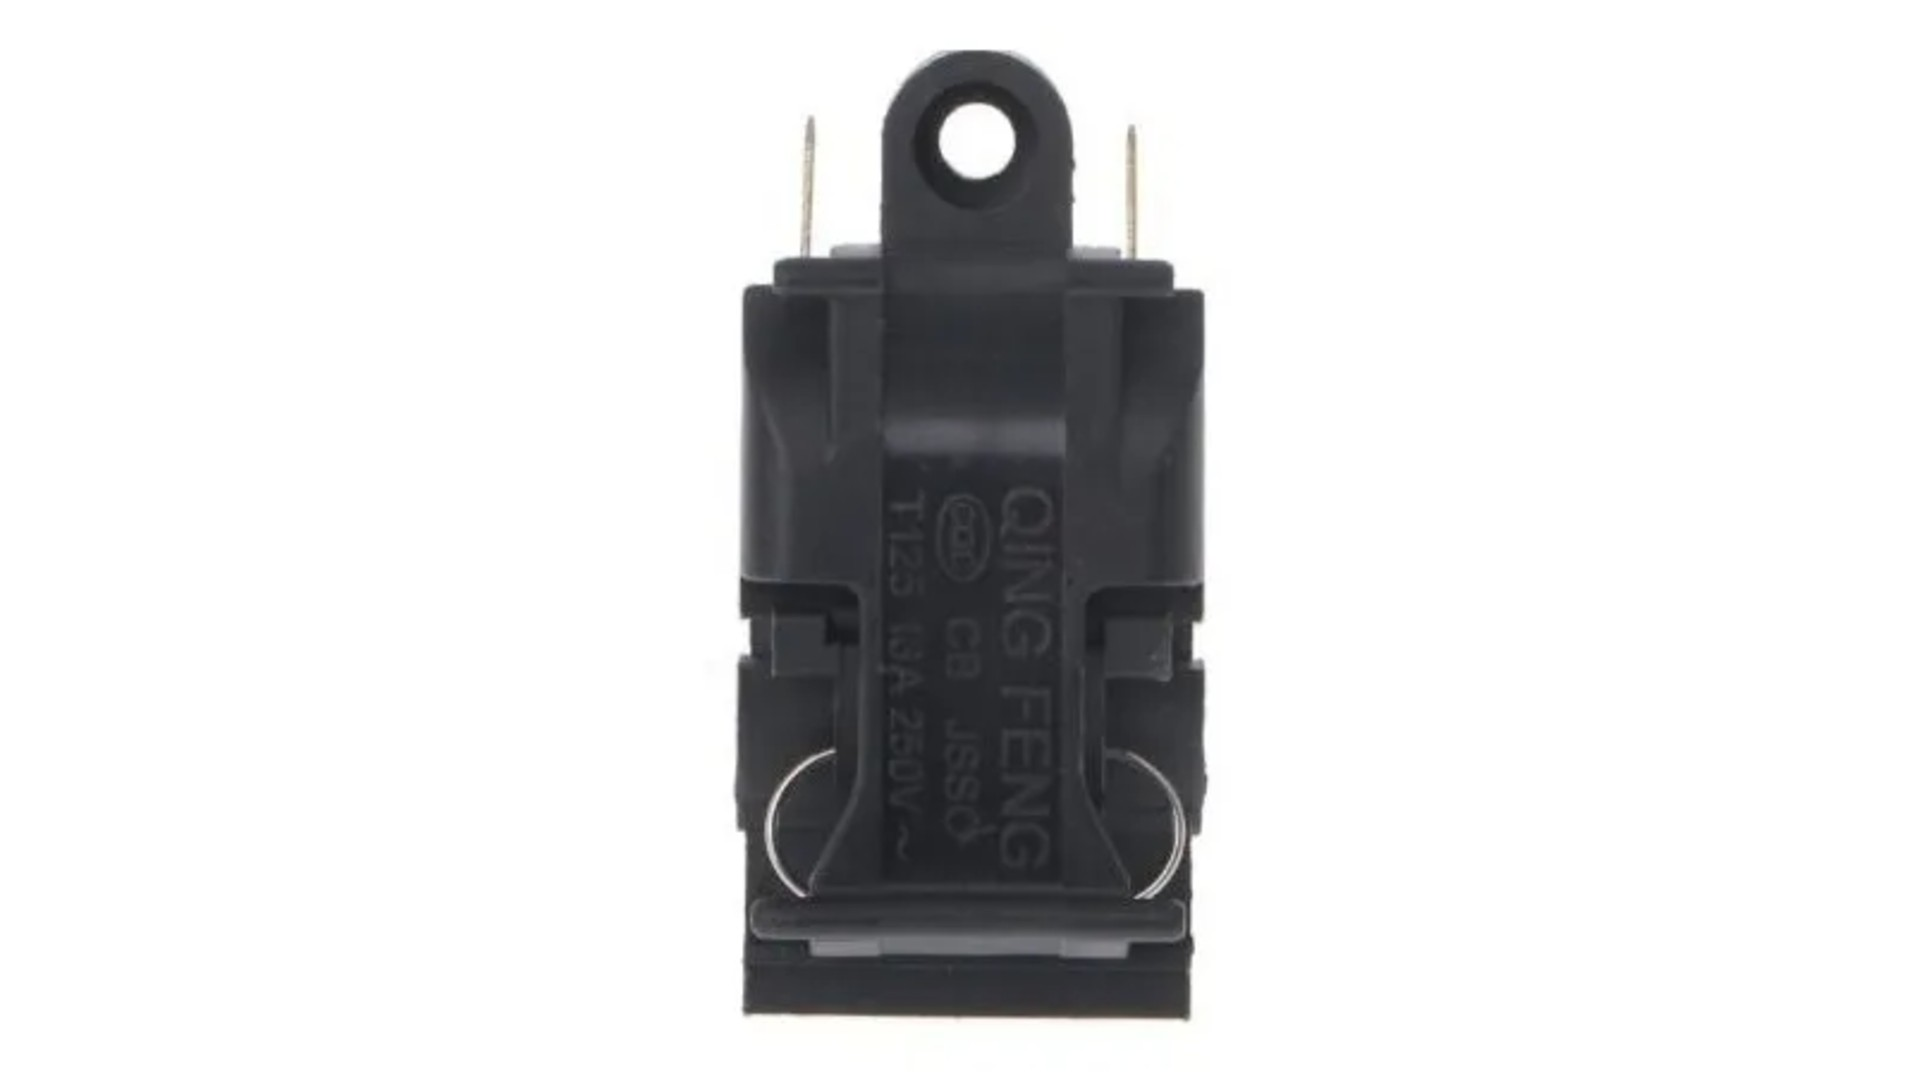 Kit Interruptor Chave Termostato Chaleira Elétrica 16un